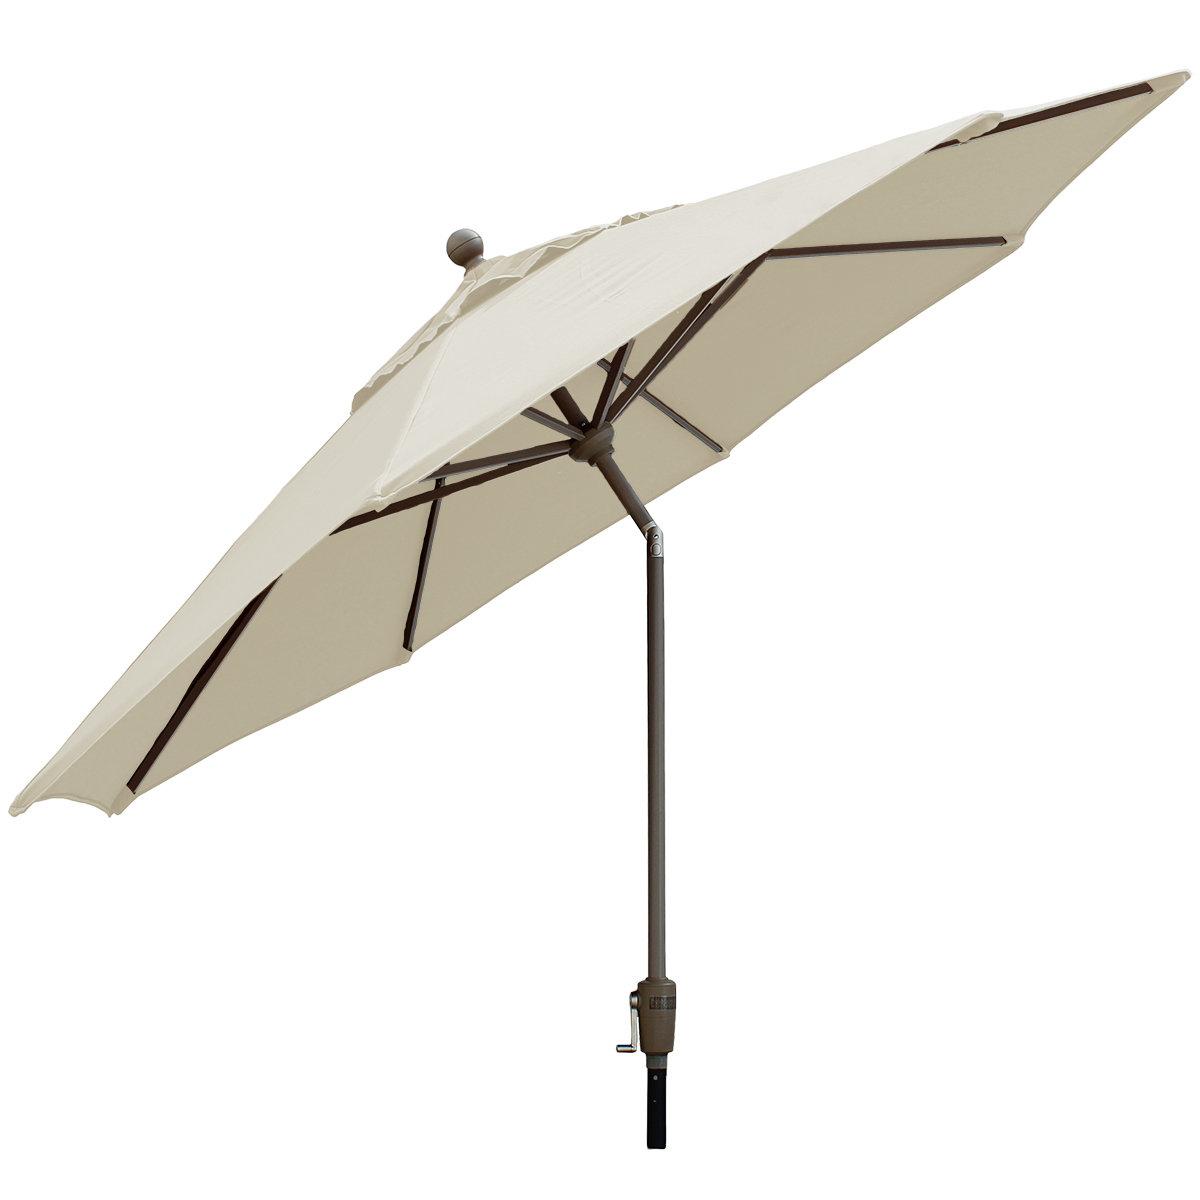 Recent Crowland 9' Market Sunbrella Umbrella Regarding Mullaney Market Sunbrella Umbrellas (View 19 of 20)